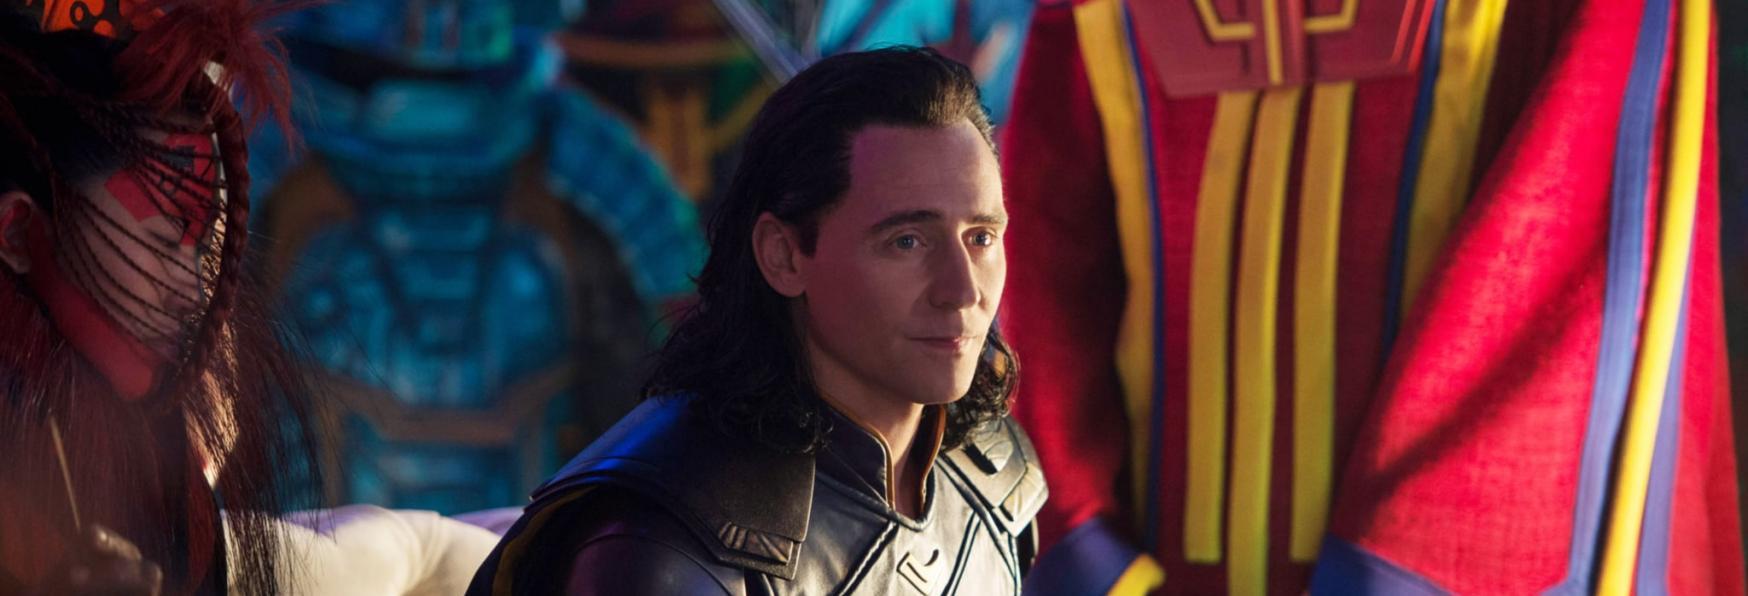 Loki: una nuova Anteprima della Serie TV nel Video Promozionale di Disney+